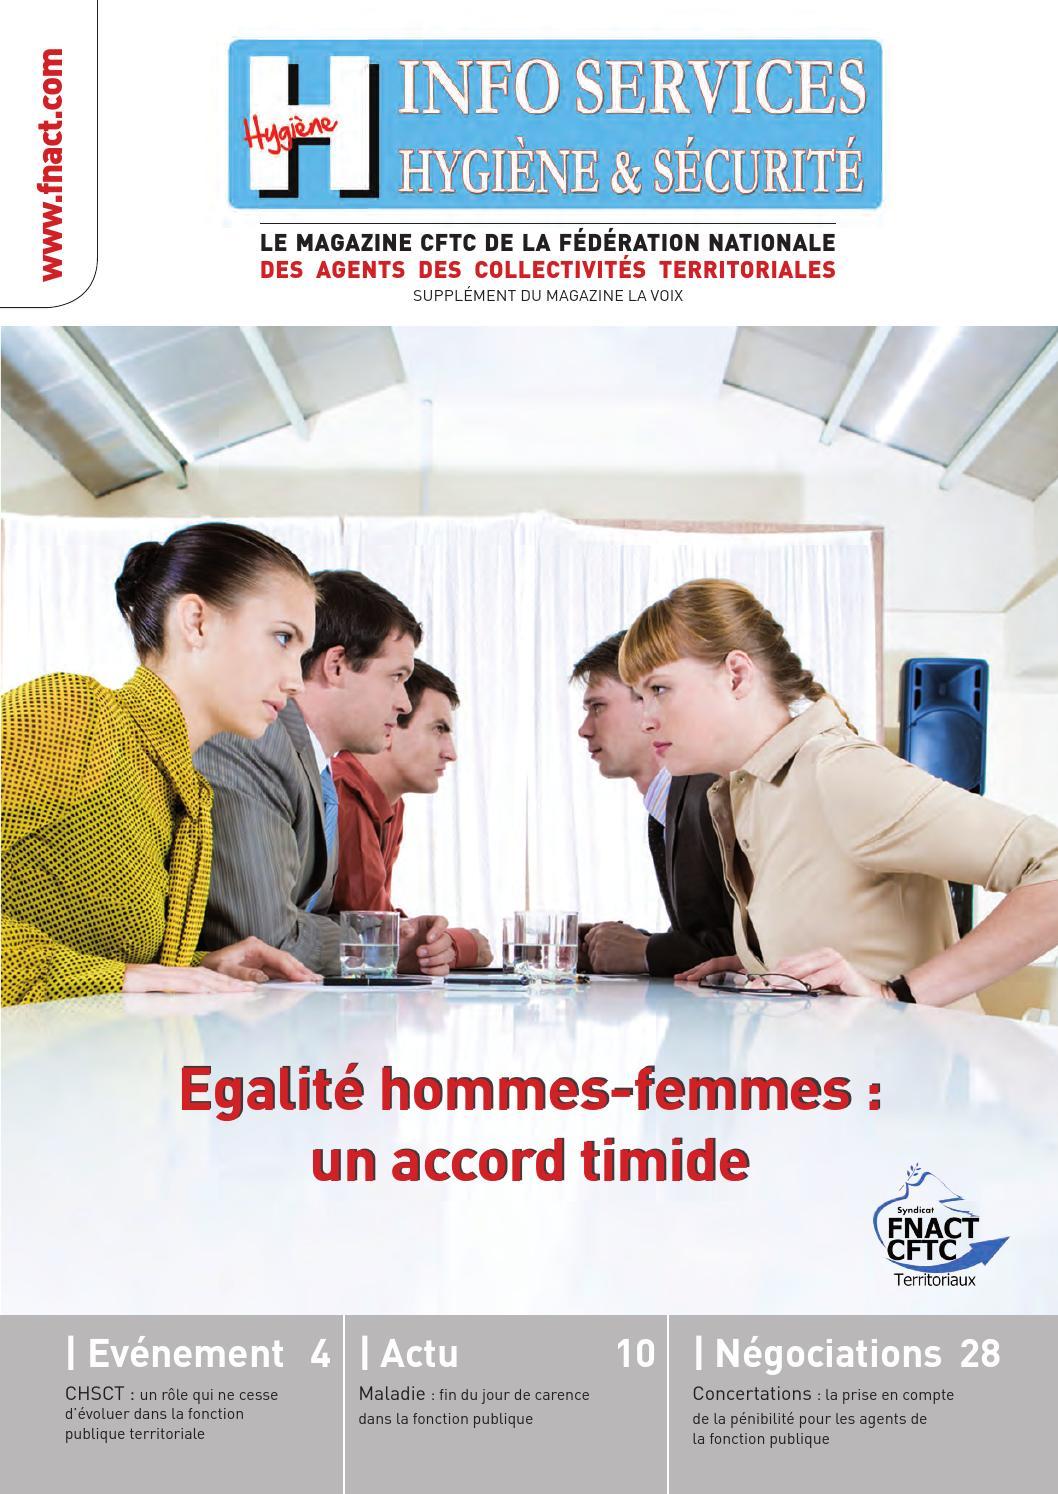 suppl233ment hygi232ne amp s233curit233 du magazine la voix by fnact